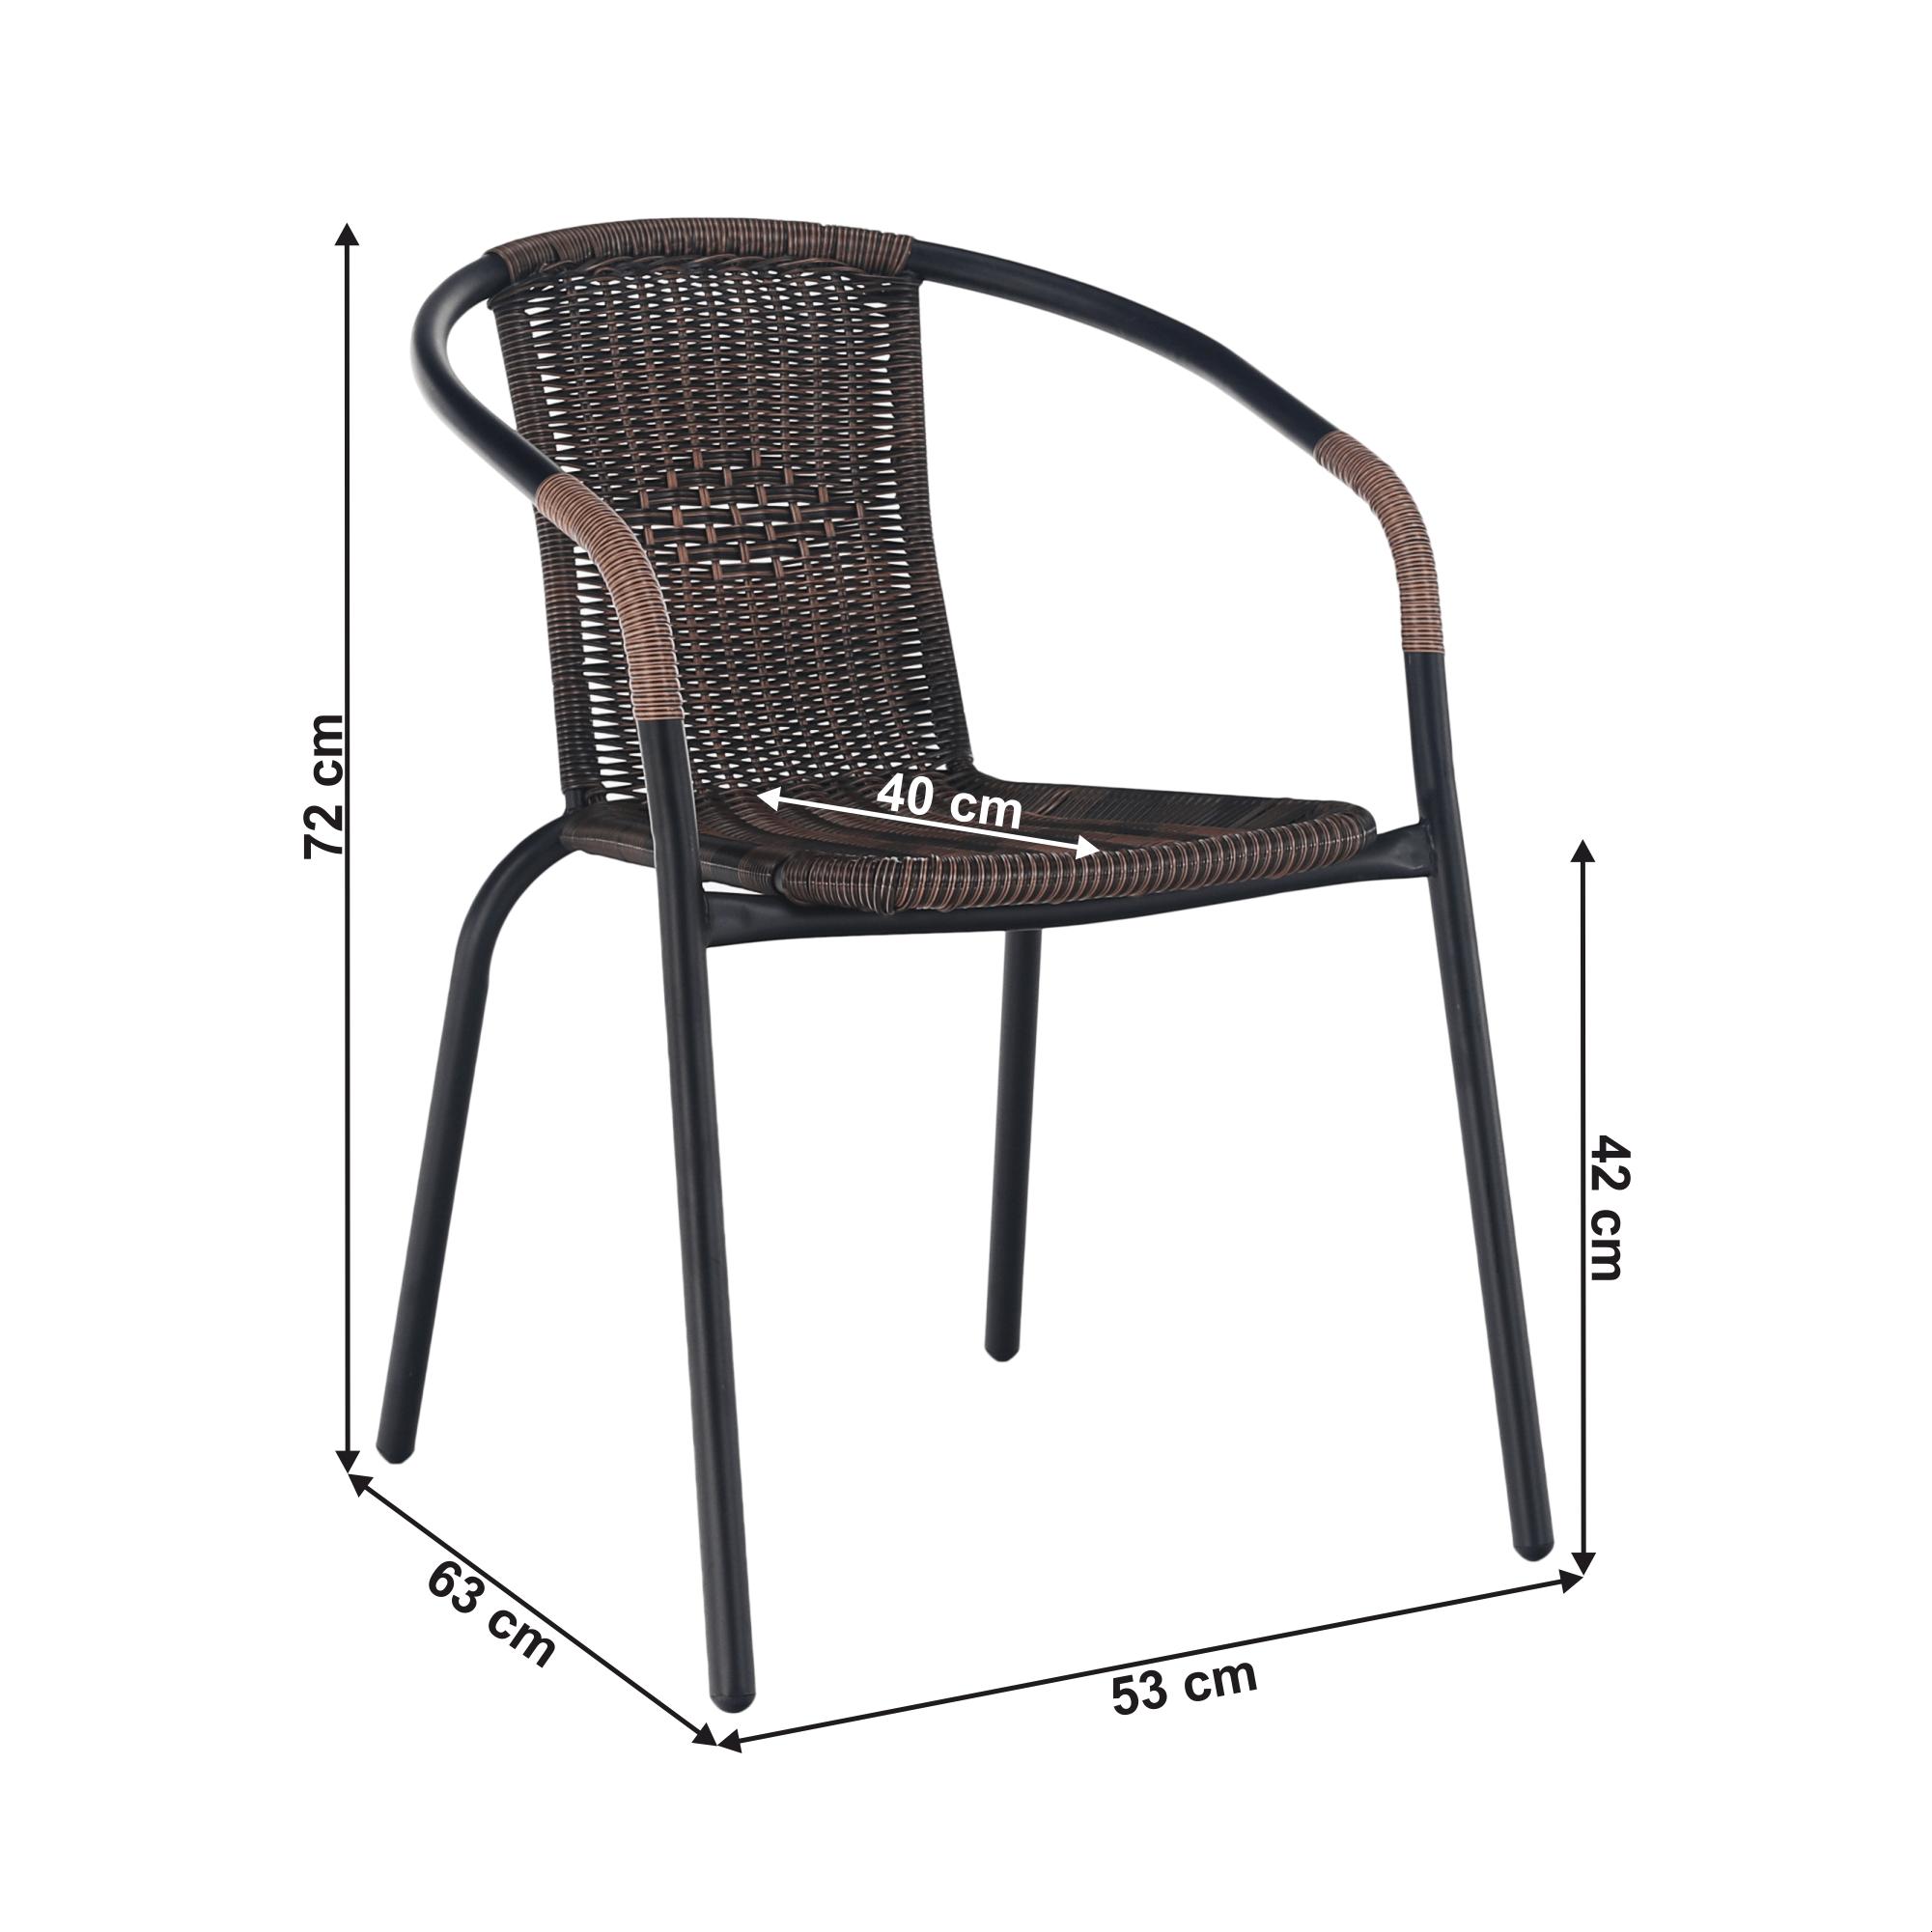 Egymásba rakható szék, barna/fekete fém, DOREN